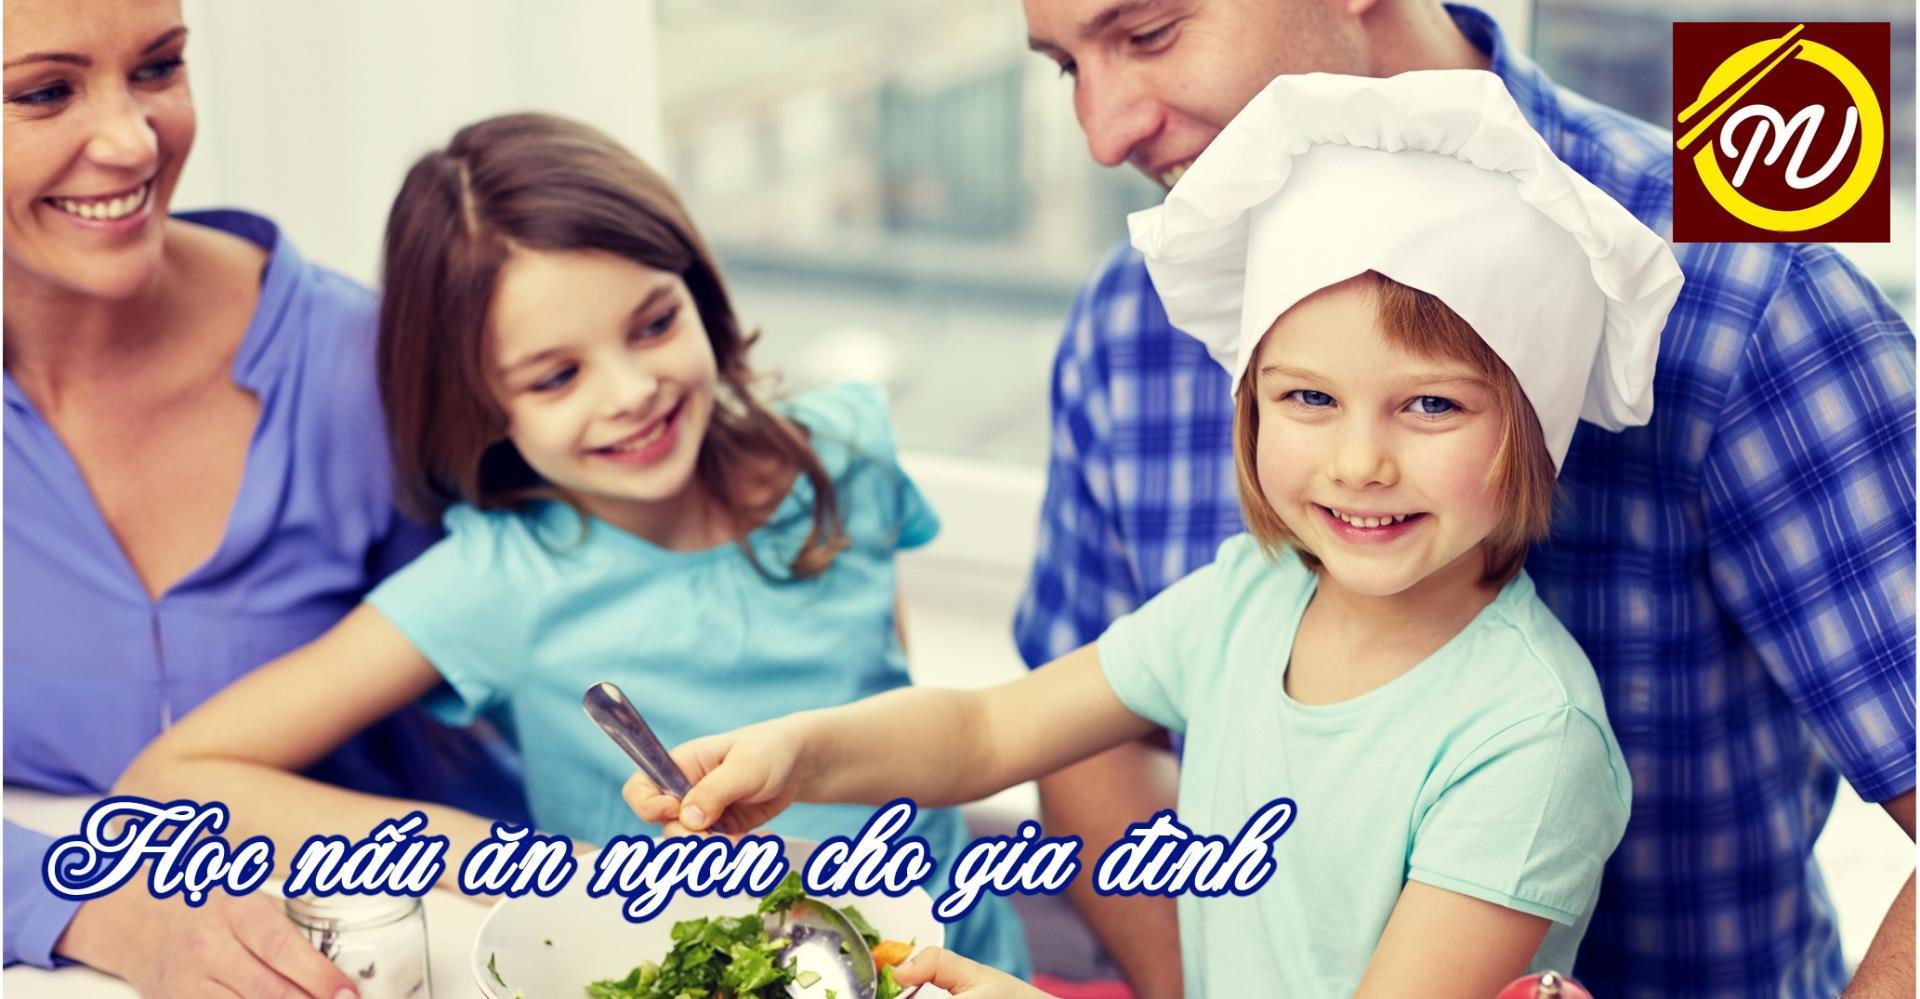 Khóa học nấu ăn gia đình tại Hà Nội